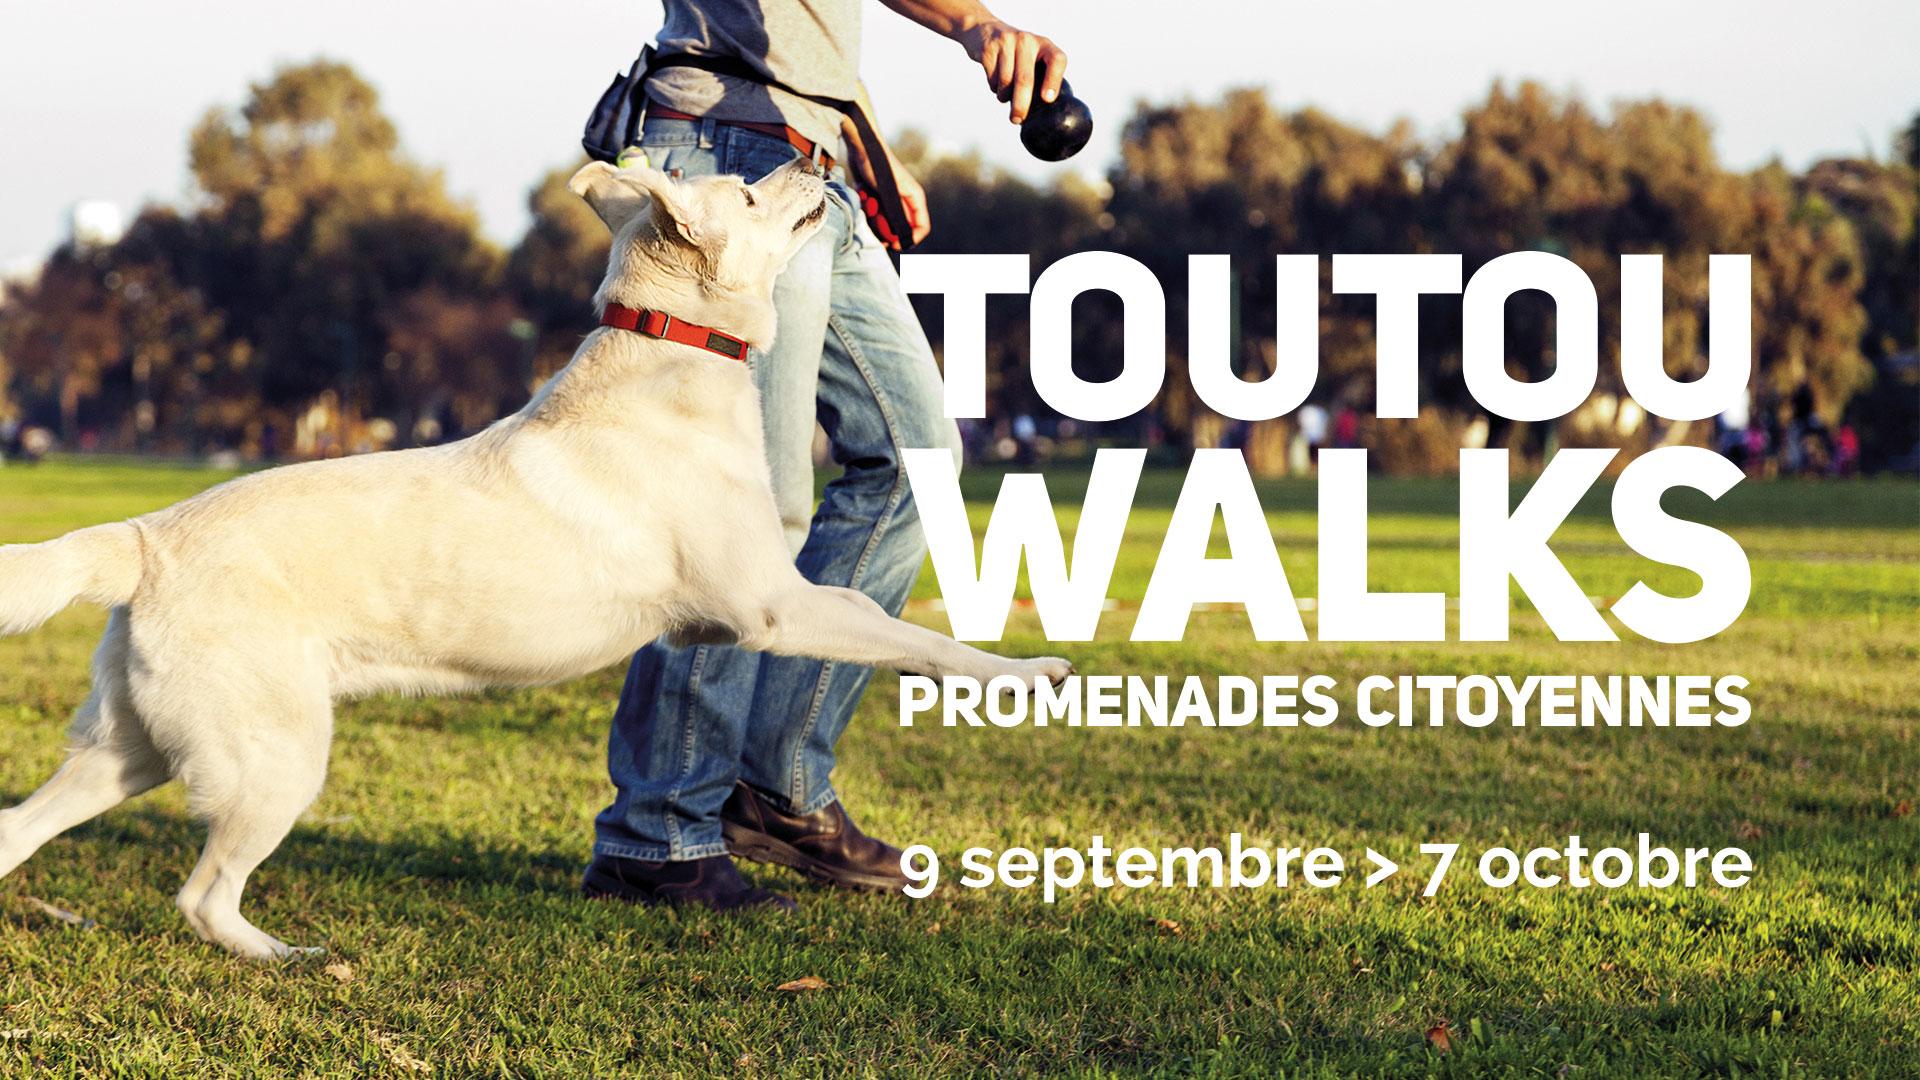 Toutou Walks – Promenades Citoyennes !